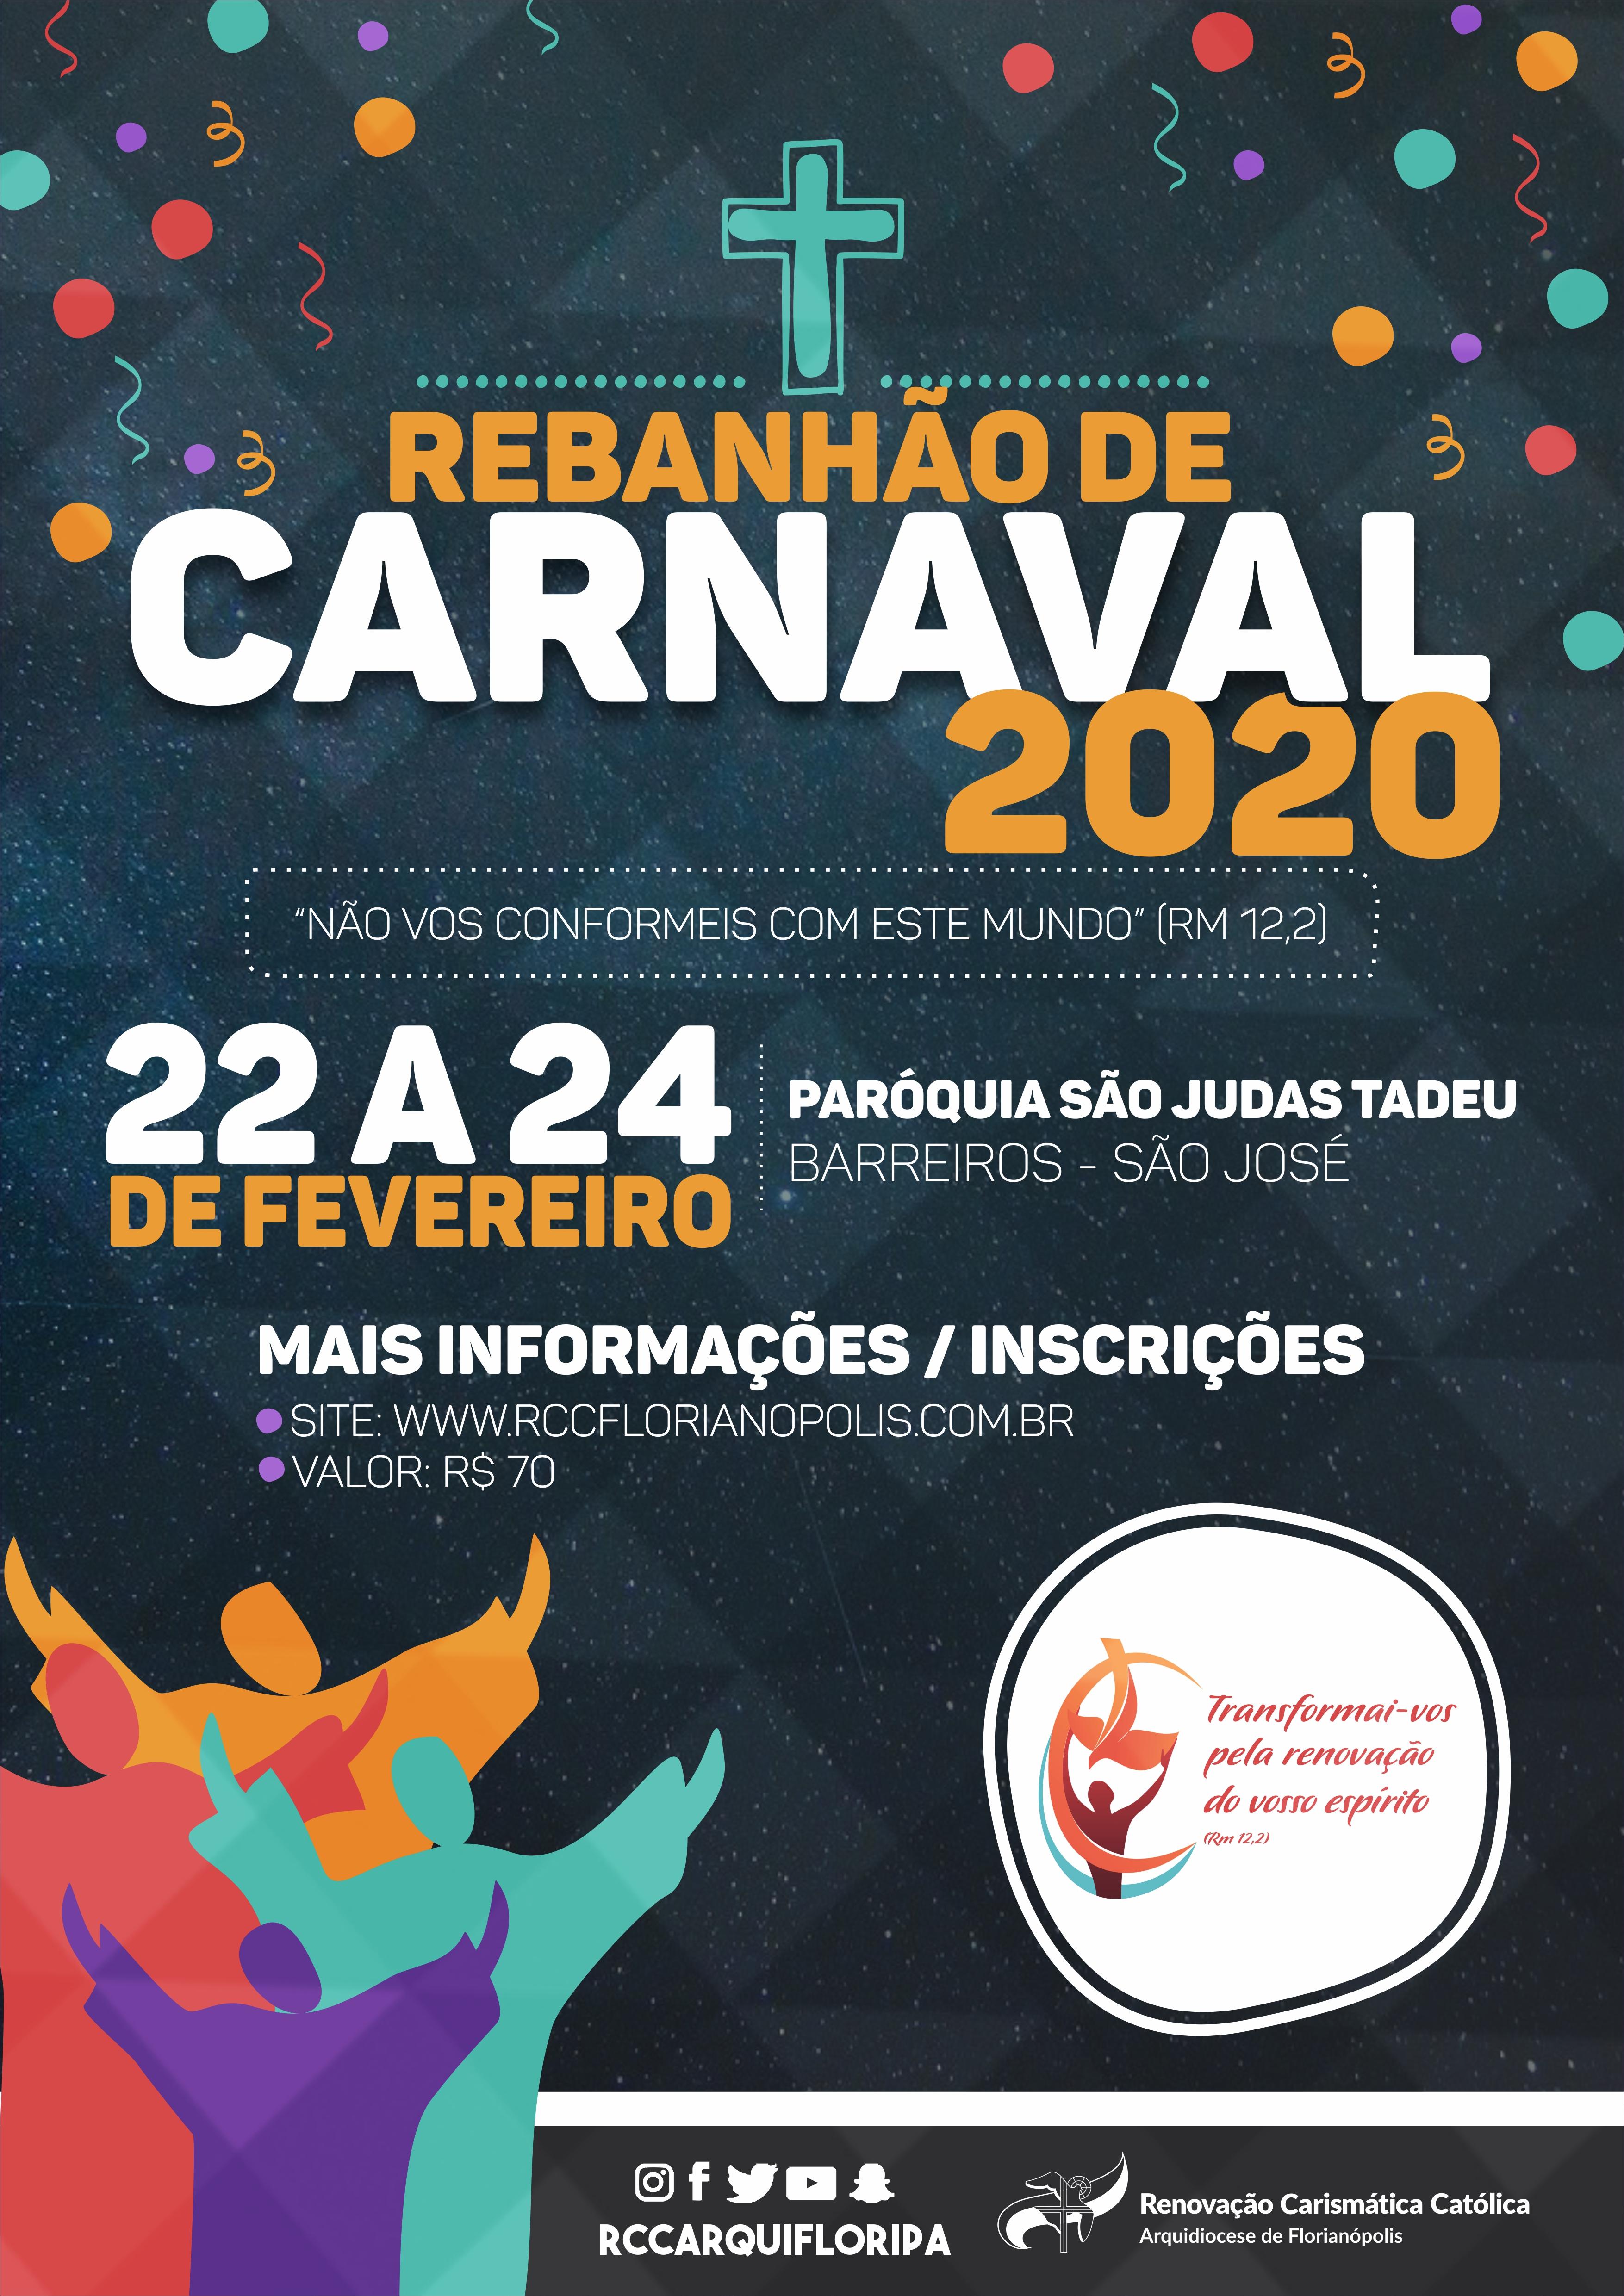 Inscrições para o Rebanhão de Carnaval estão abertas